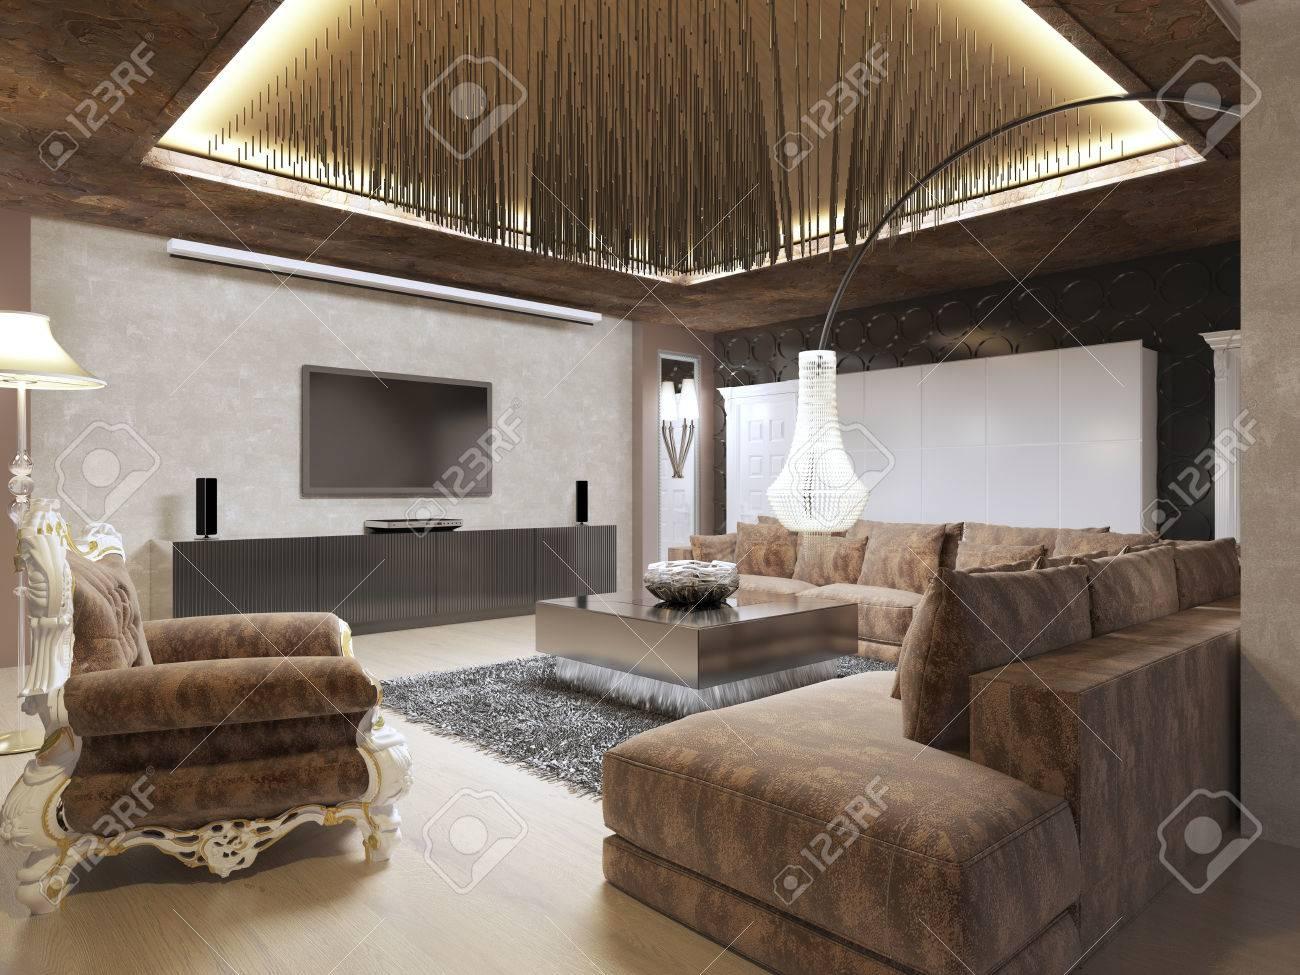 Luxus Modernen Wohnzimmer Im Art Deco-Stil In Dunklen Brauntönen ...